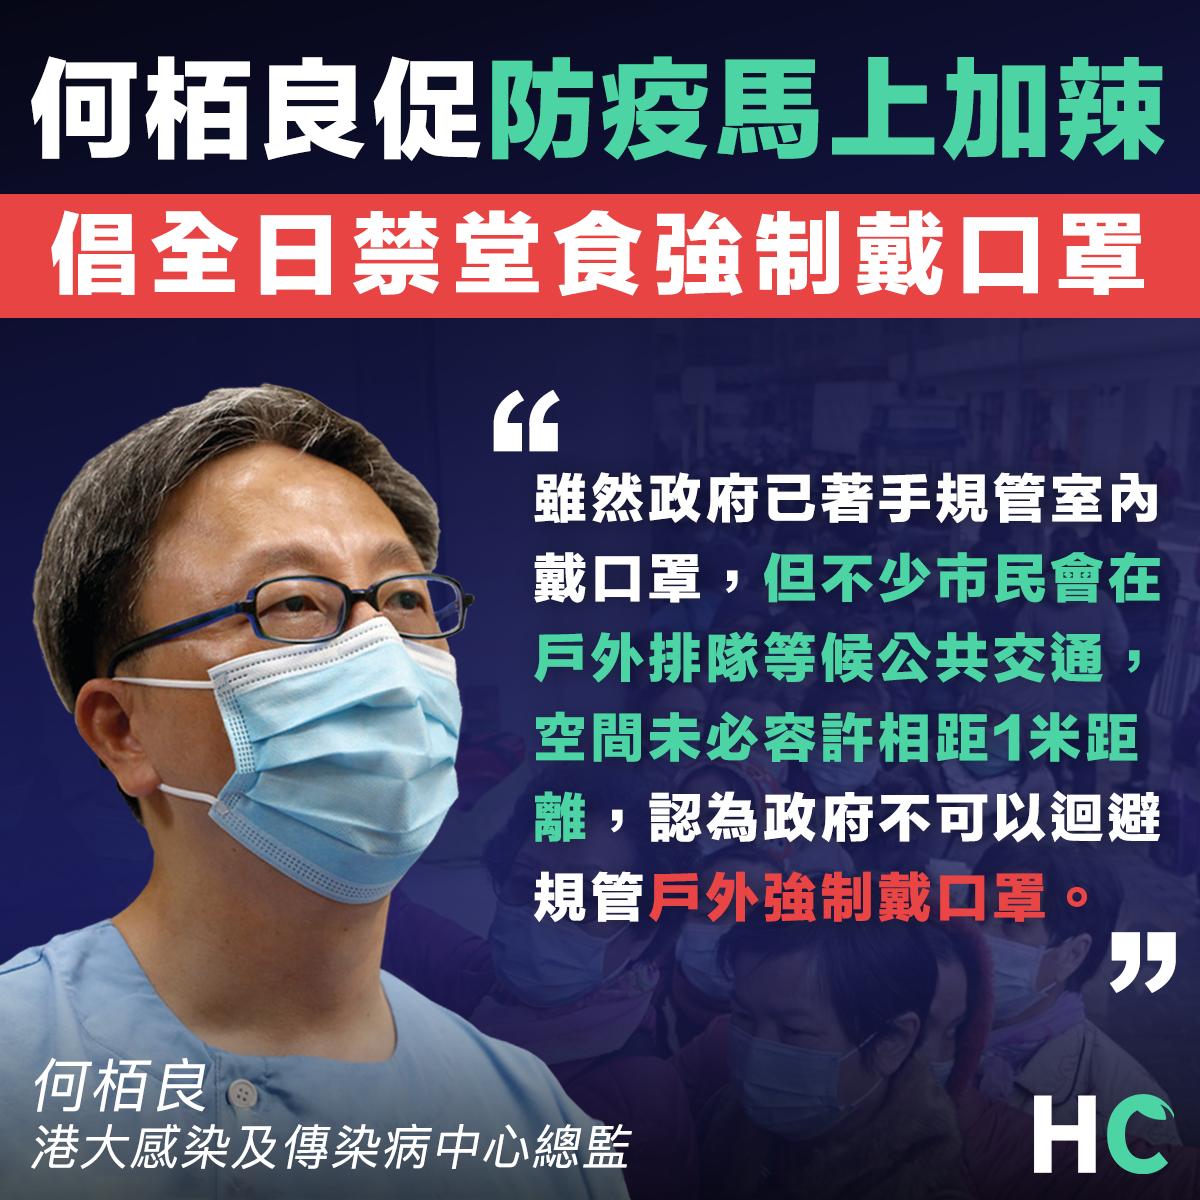 【#新型肺炎】何栢良促防疫馬上加辣 倡全日禁堂食強制戴口罩